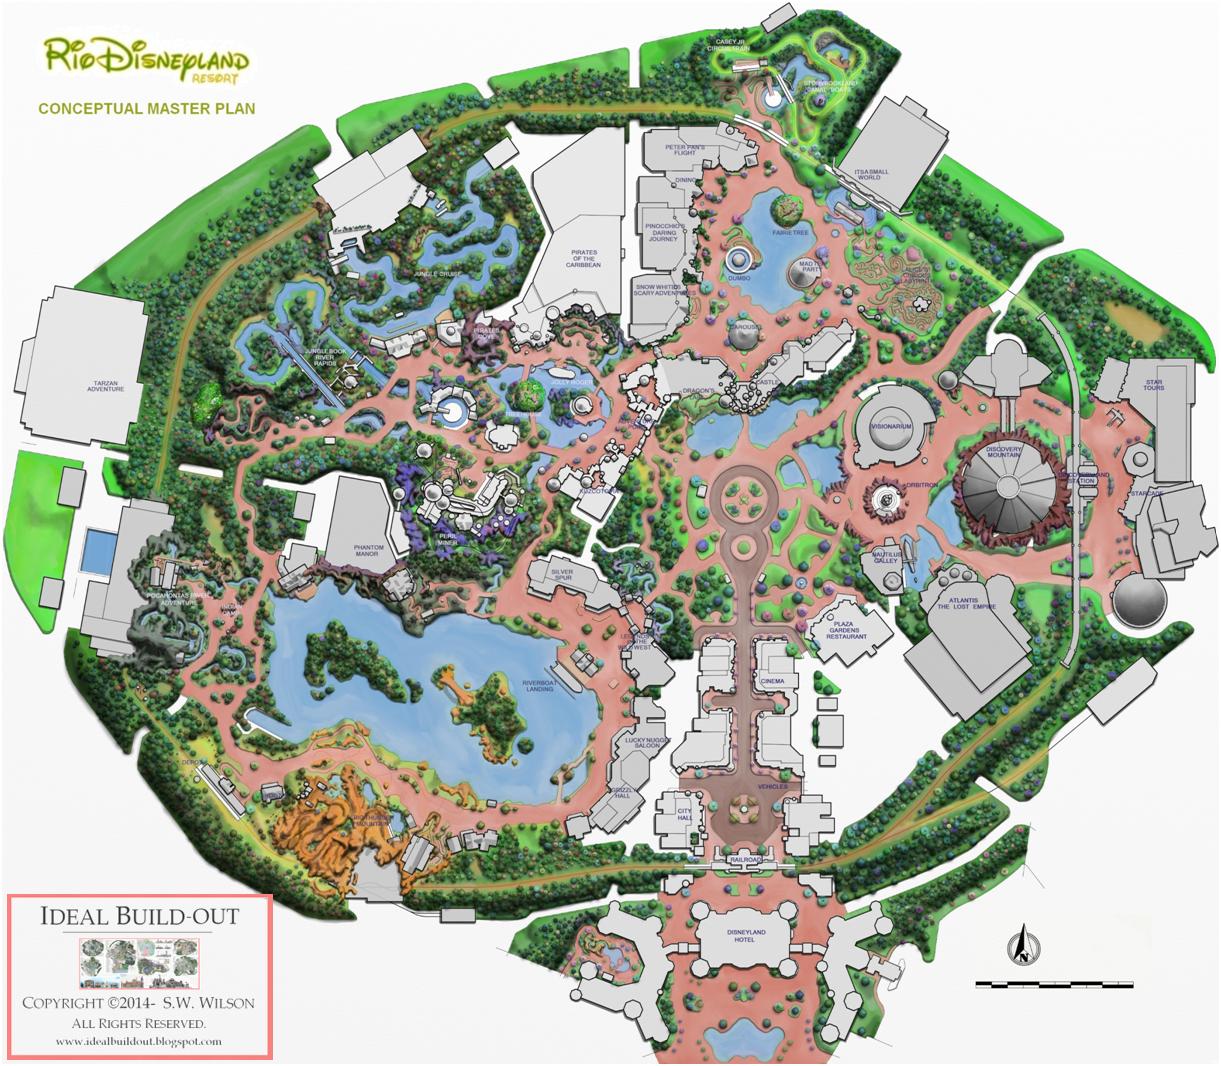 water theme park plan google search zootopia park landscape parking design landscape plans. Black Bedroom Furniture Sets. Home Design Ideas